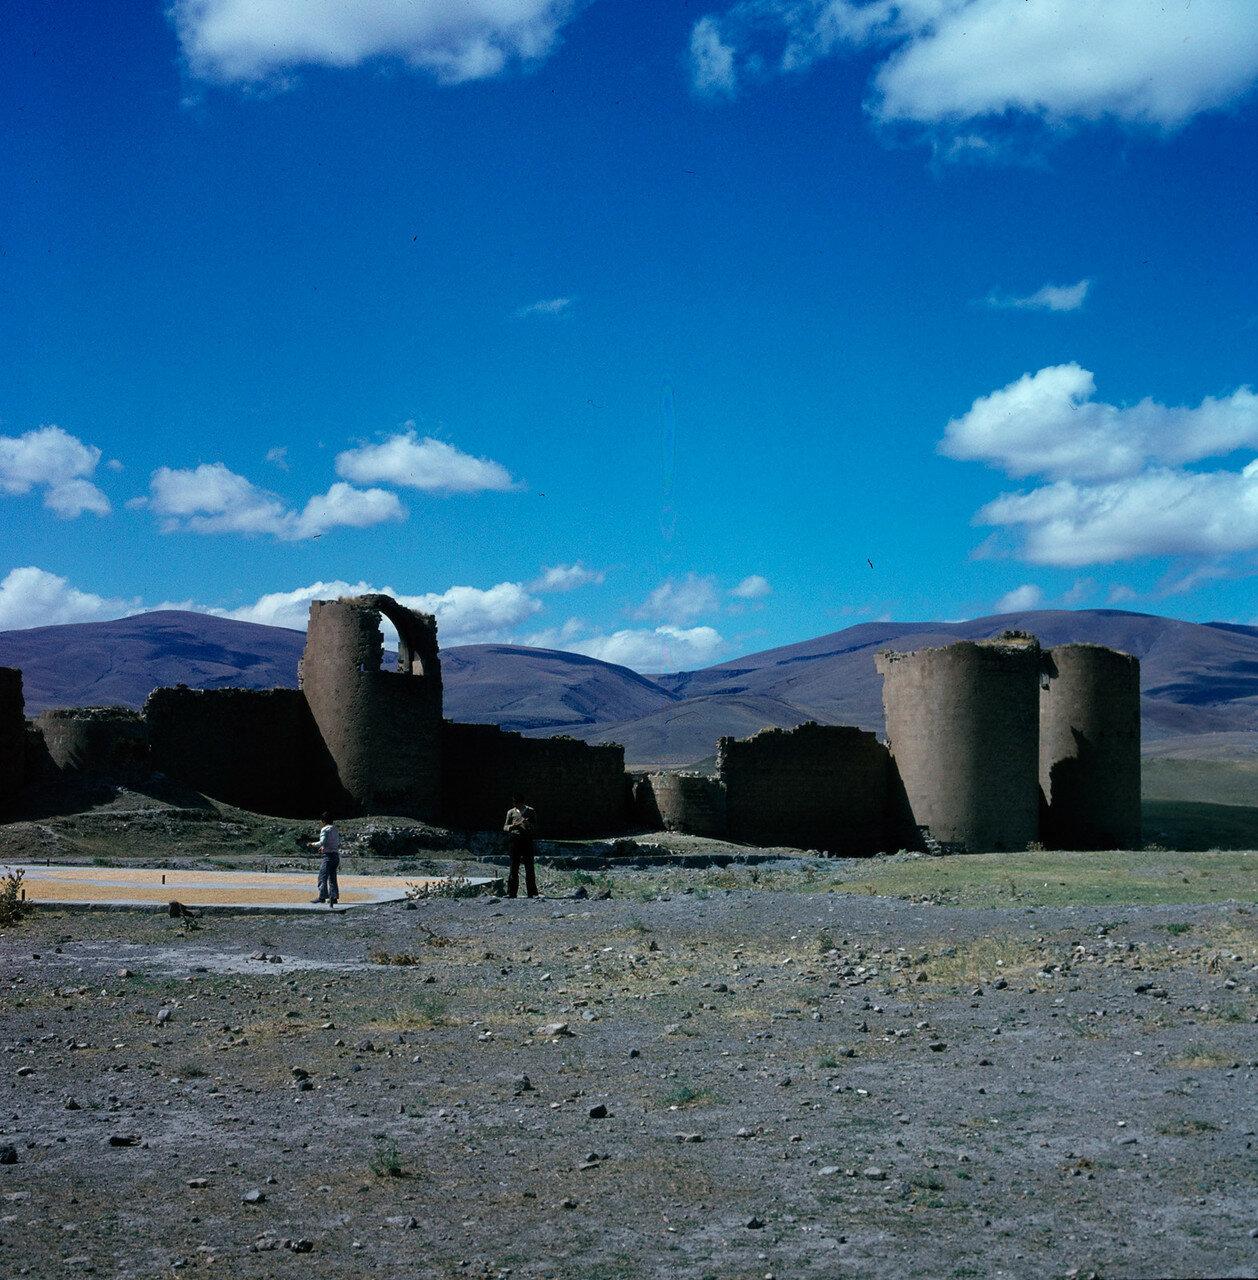 Ани. Развалины крепости